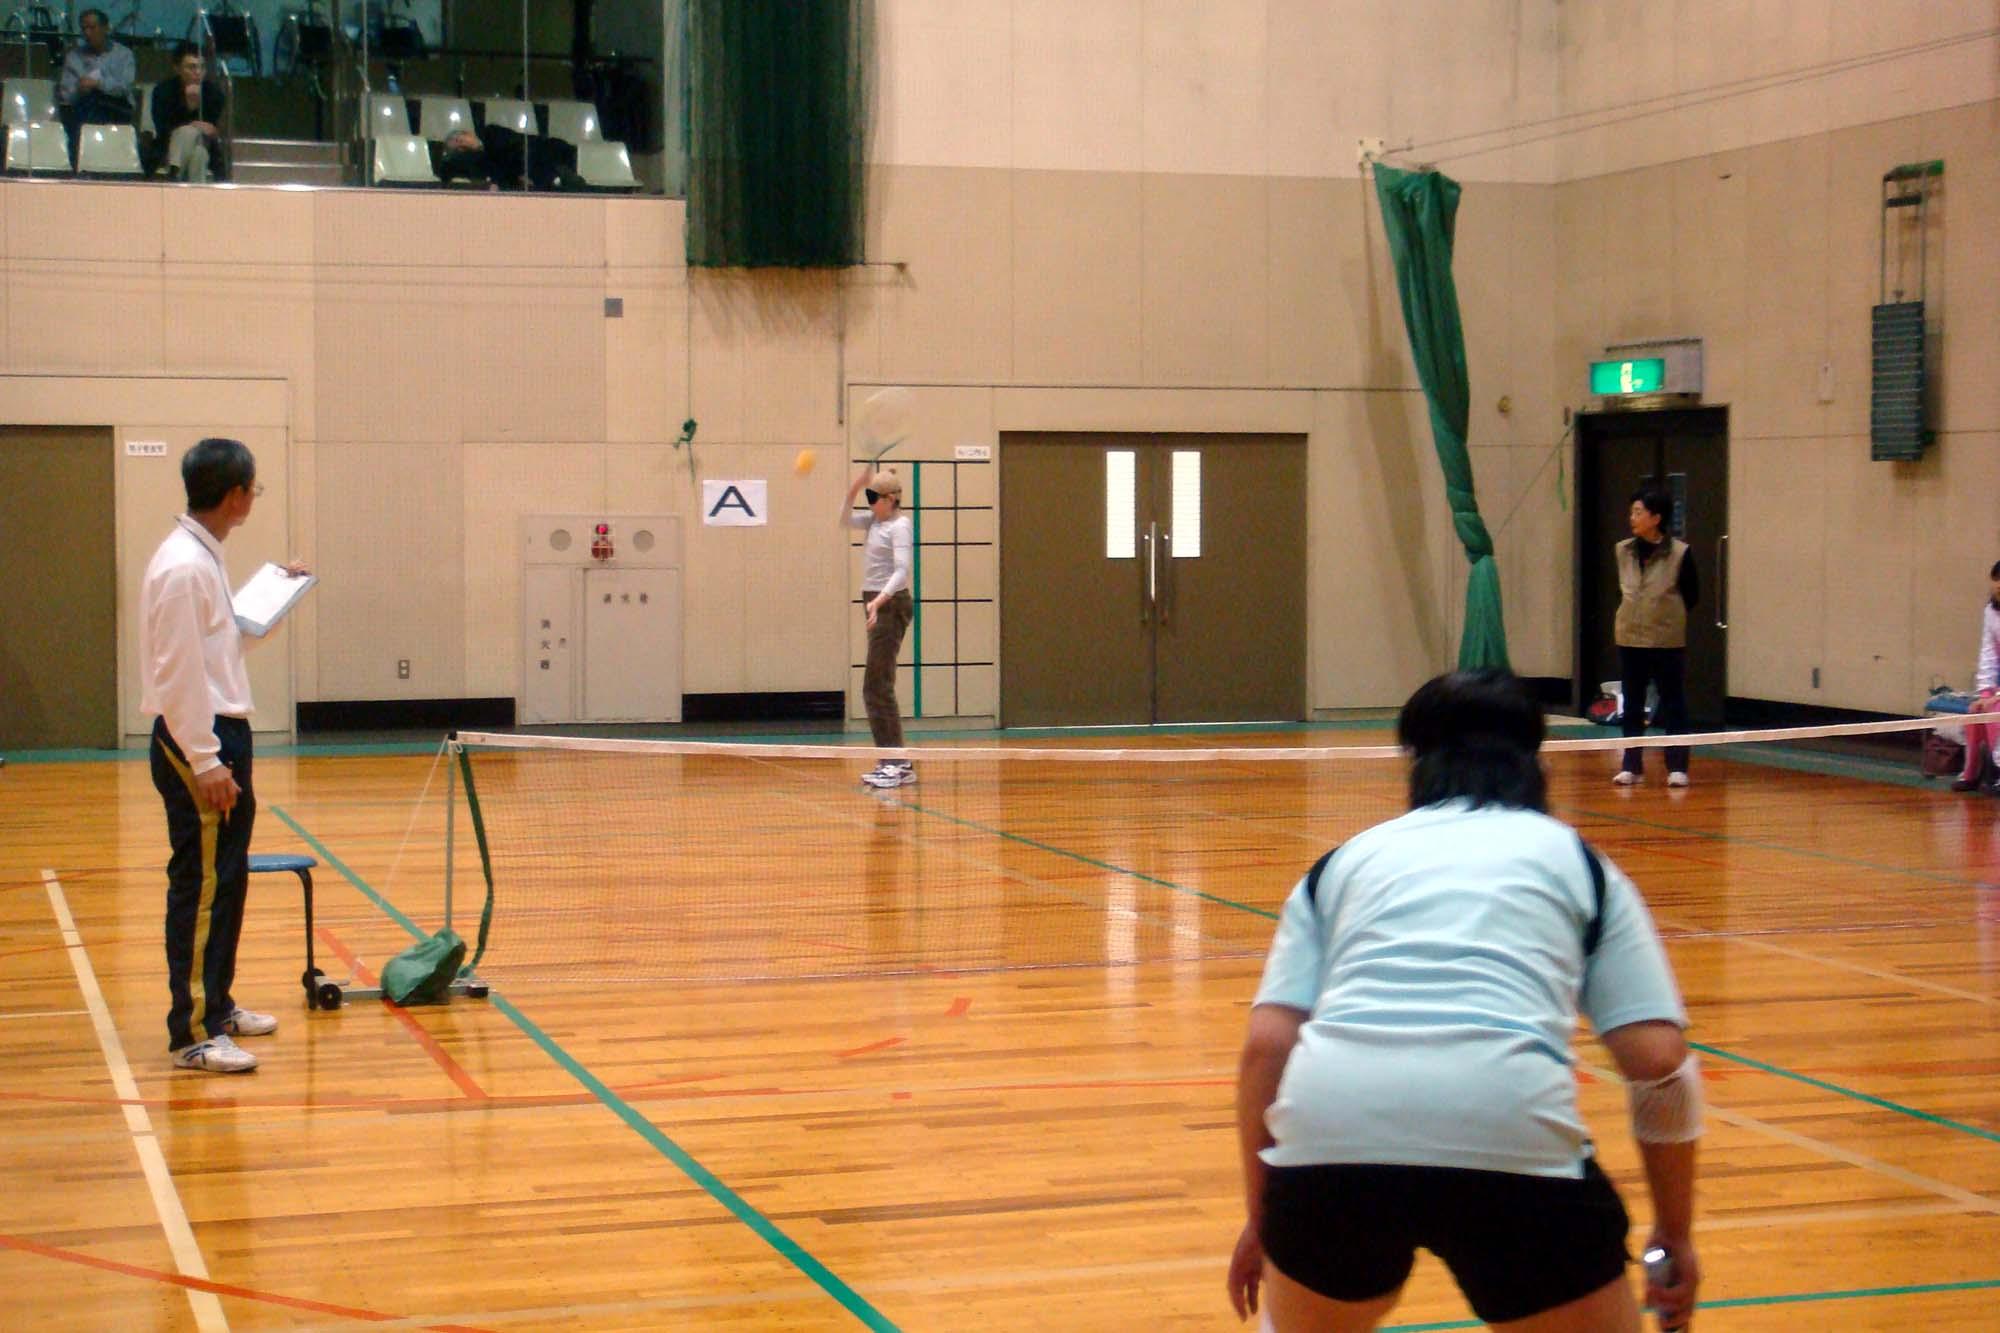 sikaku - ショートテニス大会より・・・多くの参加ありがとうございます!!